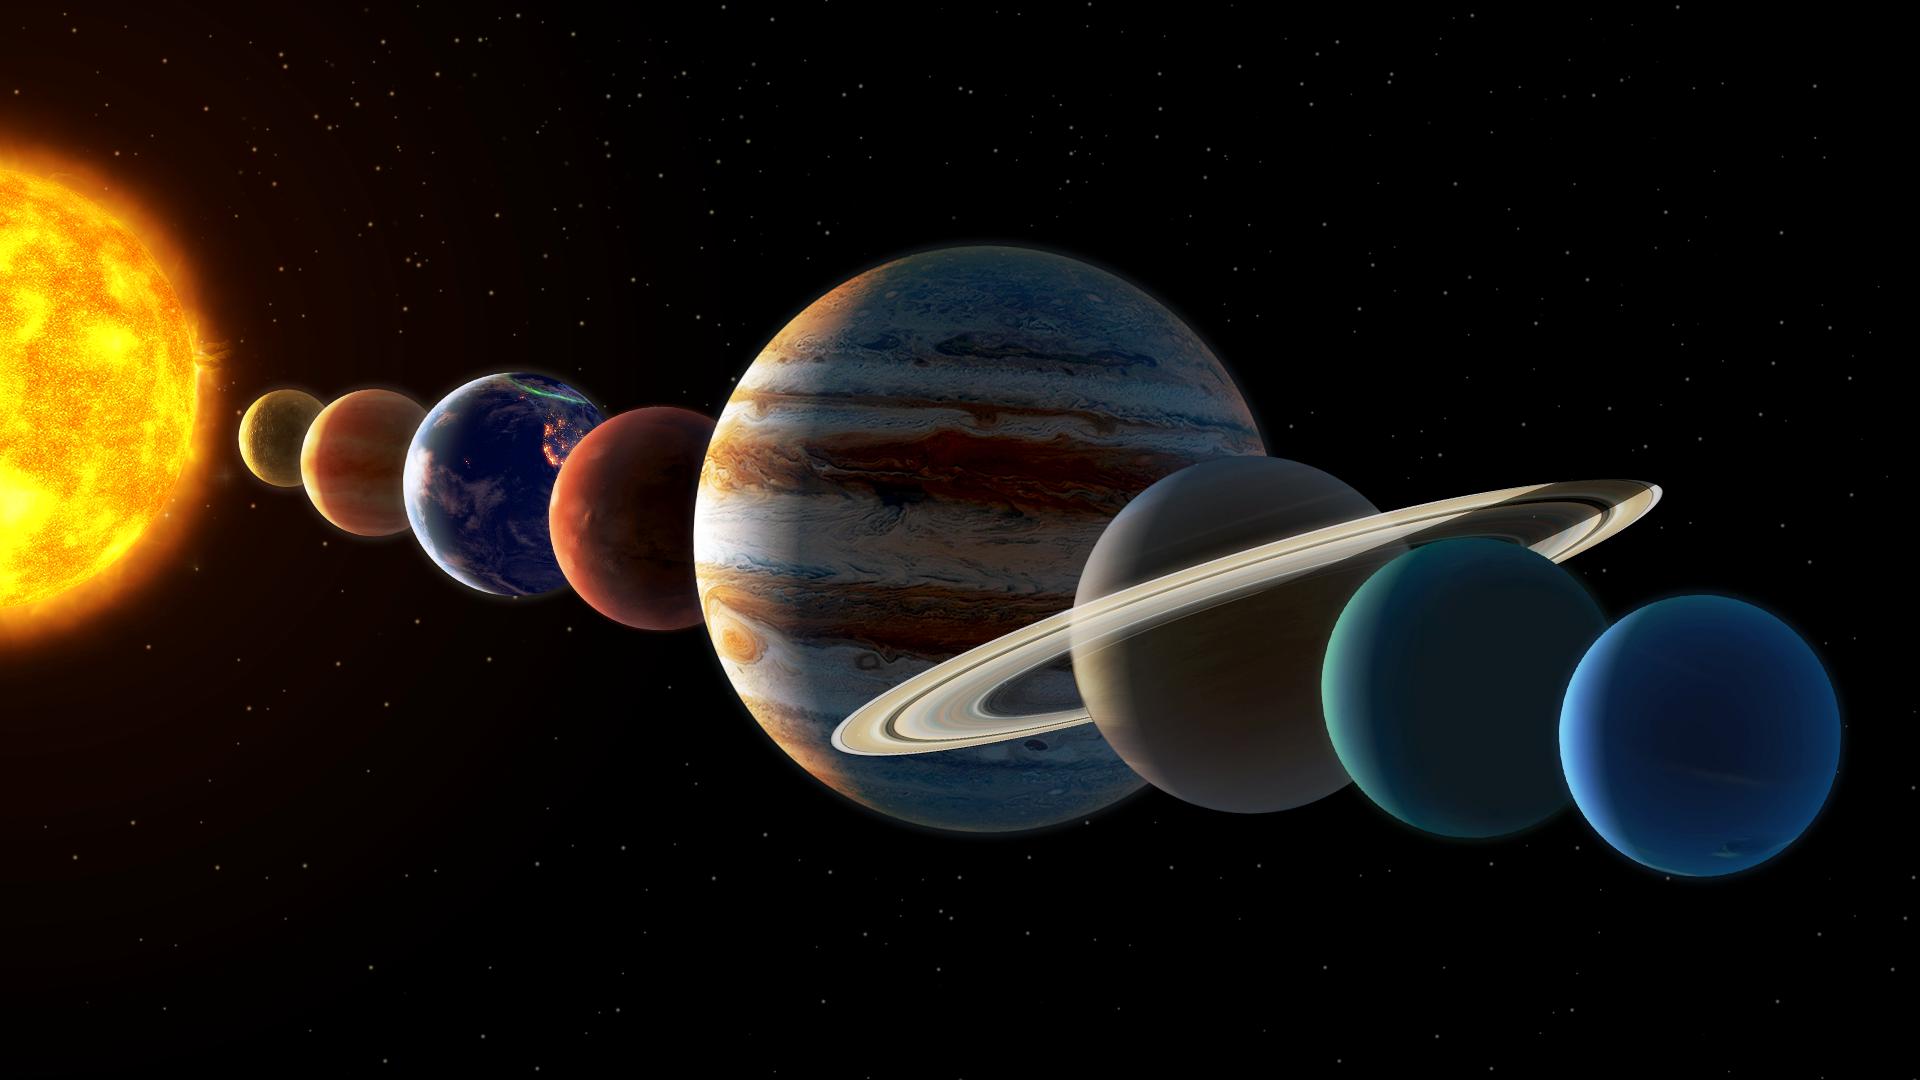 ترتيب الكواكب حسب بعدها عن الشمس من حيث الأقرب أو الأبعد زيادة